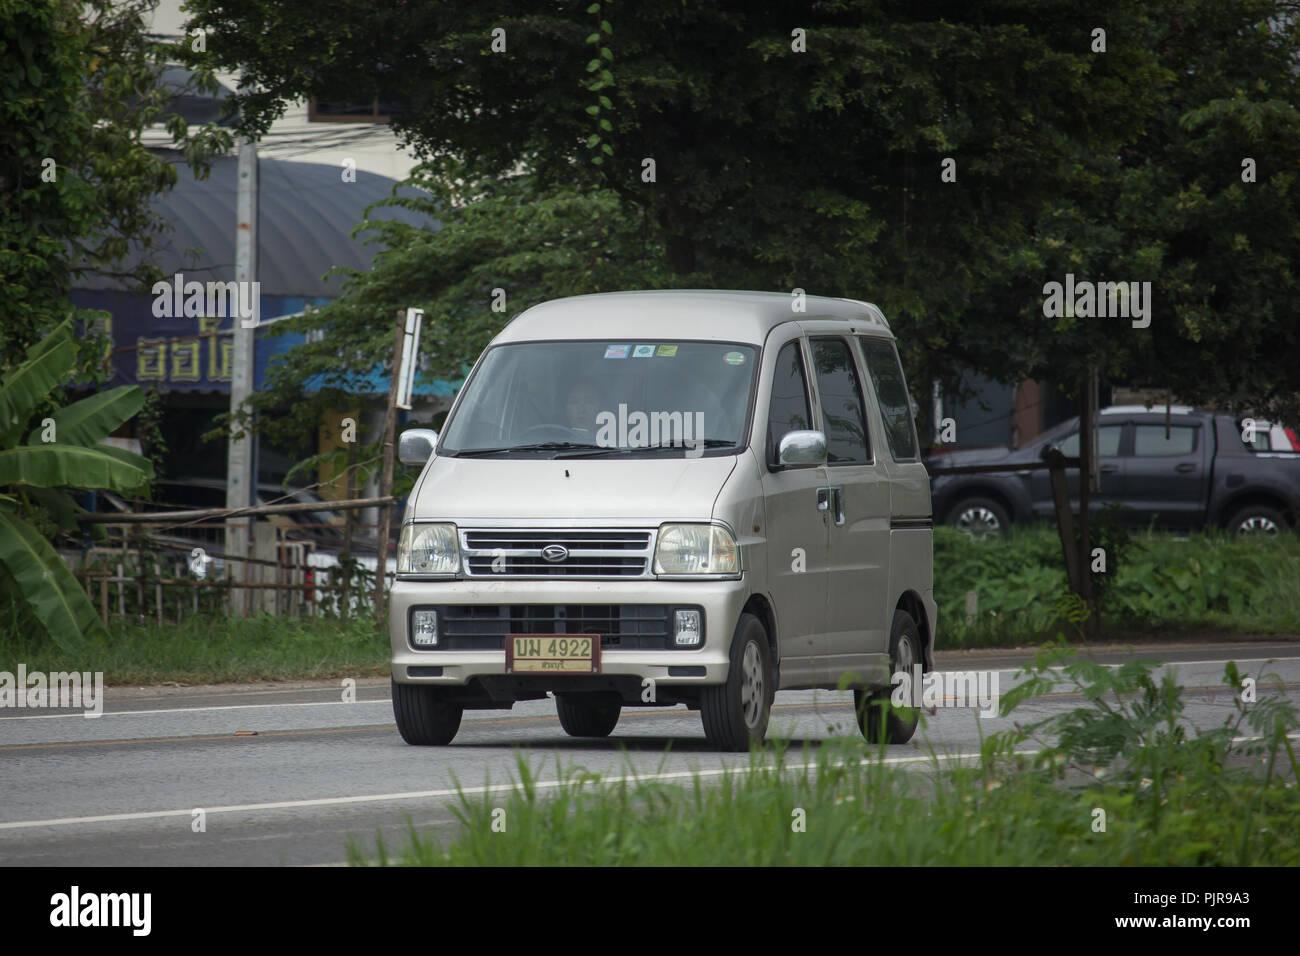 Chiangmai Thailand August 6 2018 Private Daihatsu Old Van Car